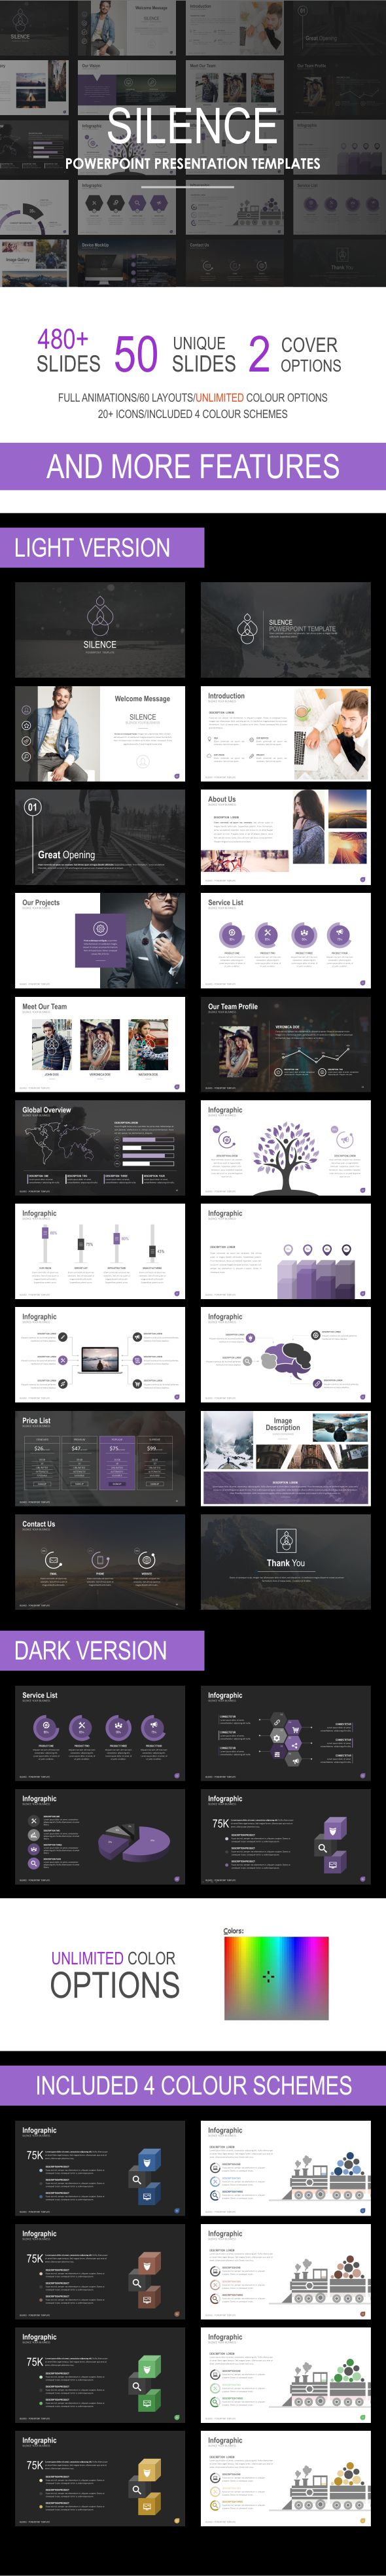 Silence Powerpoint Template | Pinterest | Template, Business ...